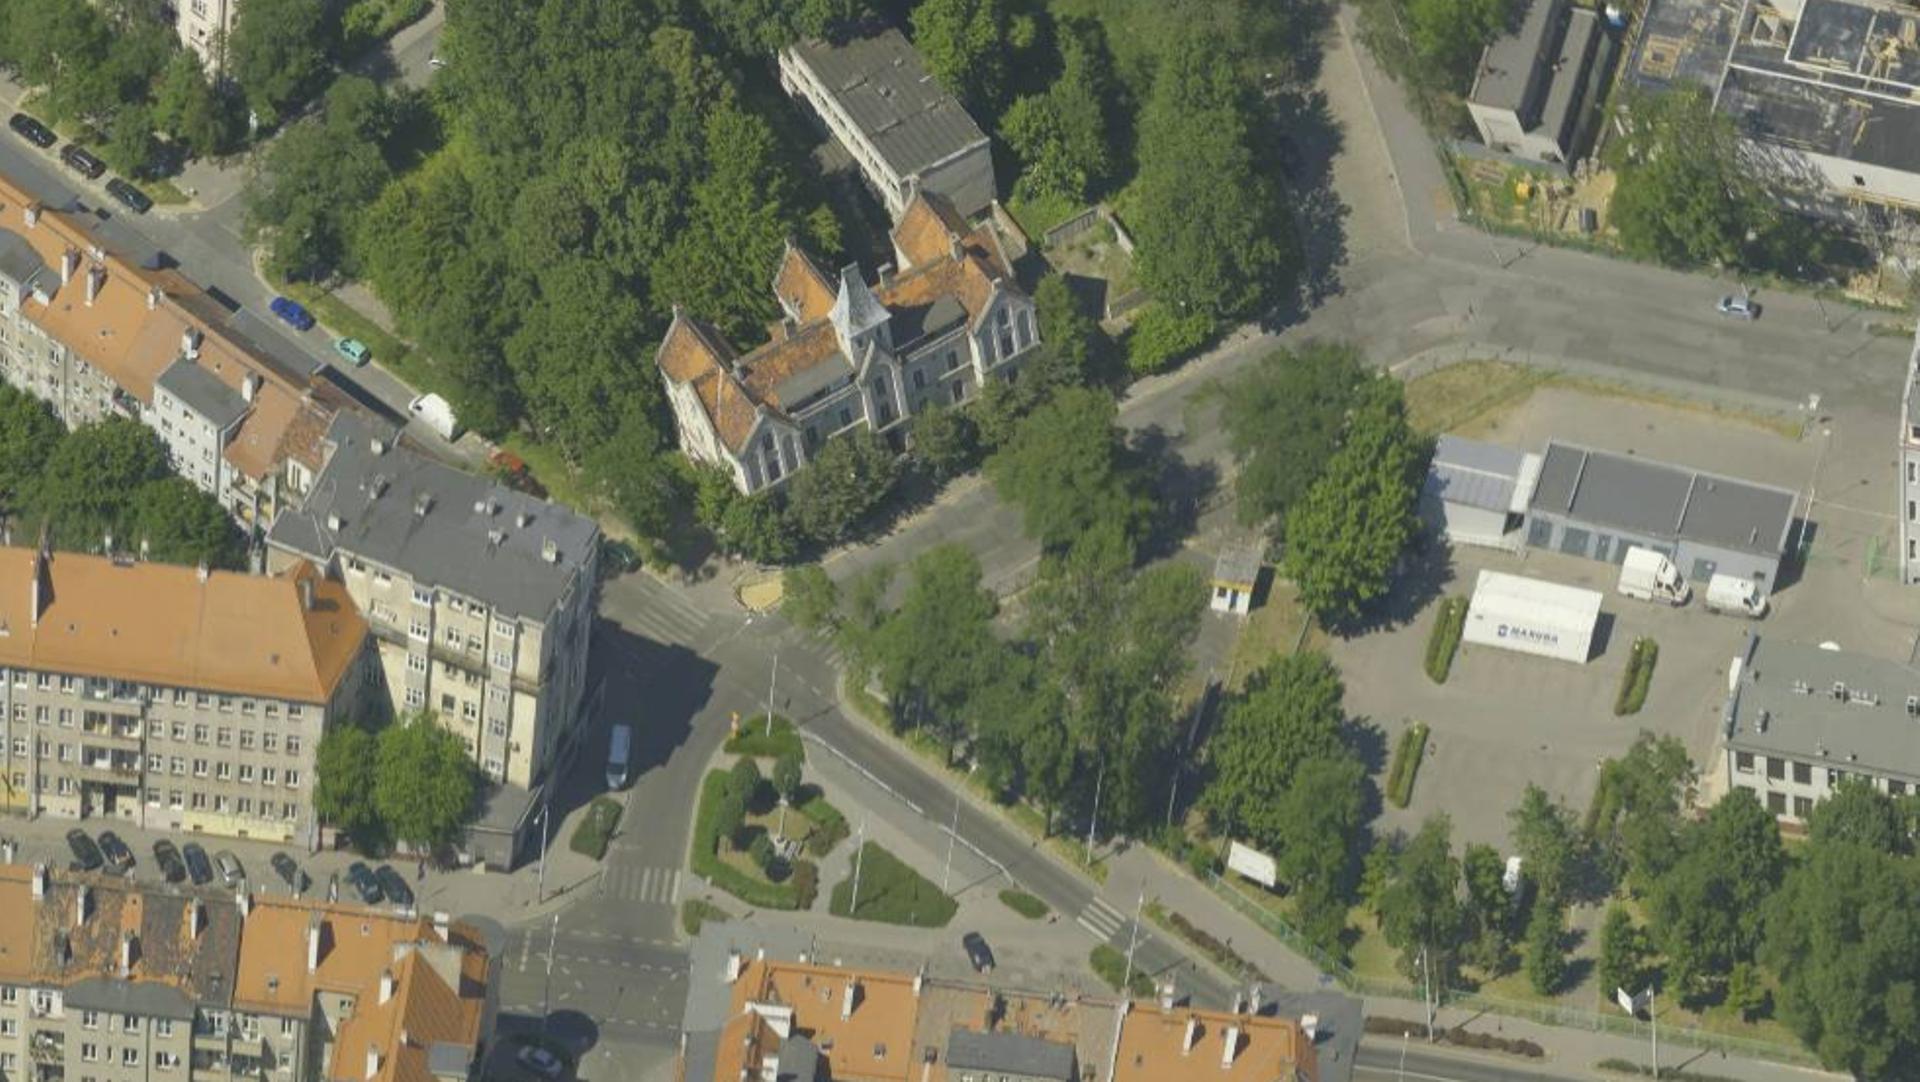 Wrocław: Inkom stawia na Ołbin. Wybuduje mieszkania obok Echo Investment